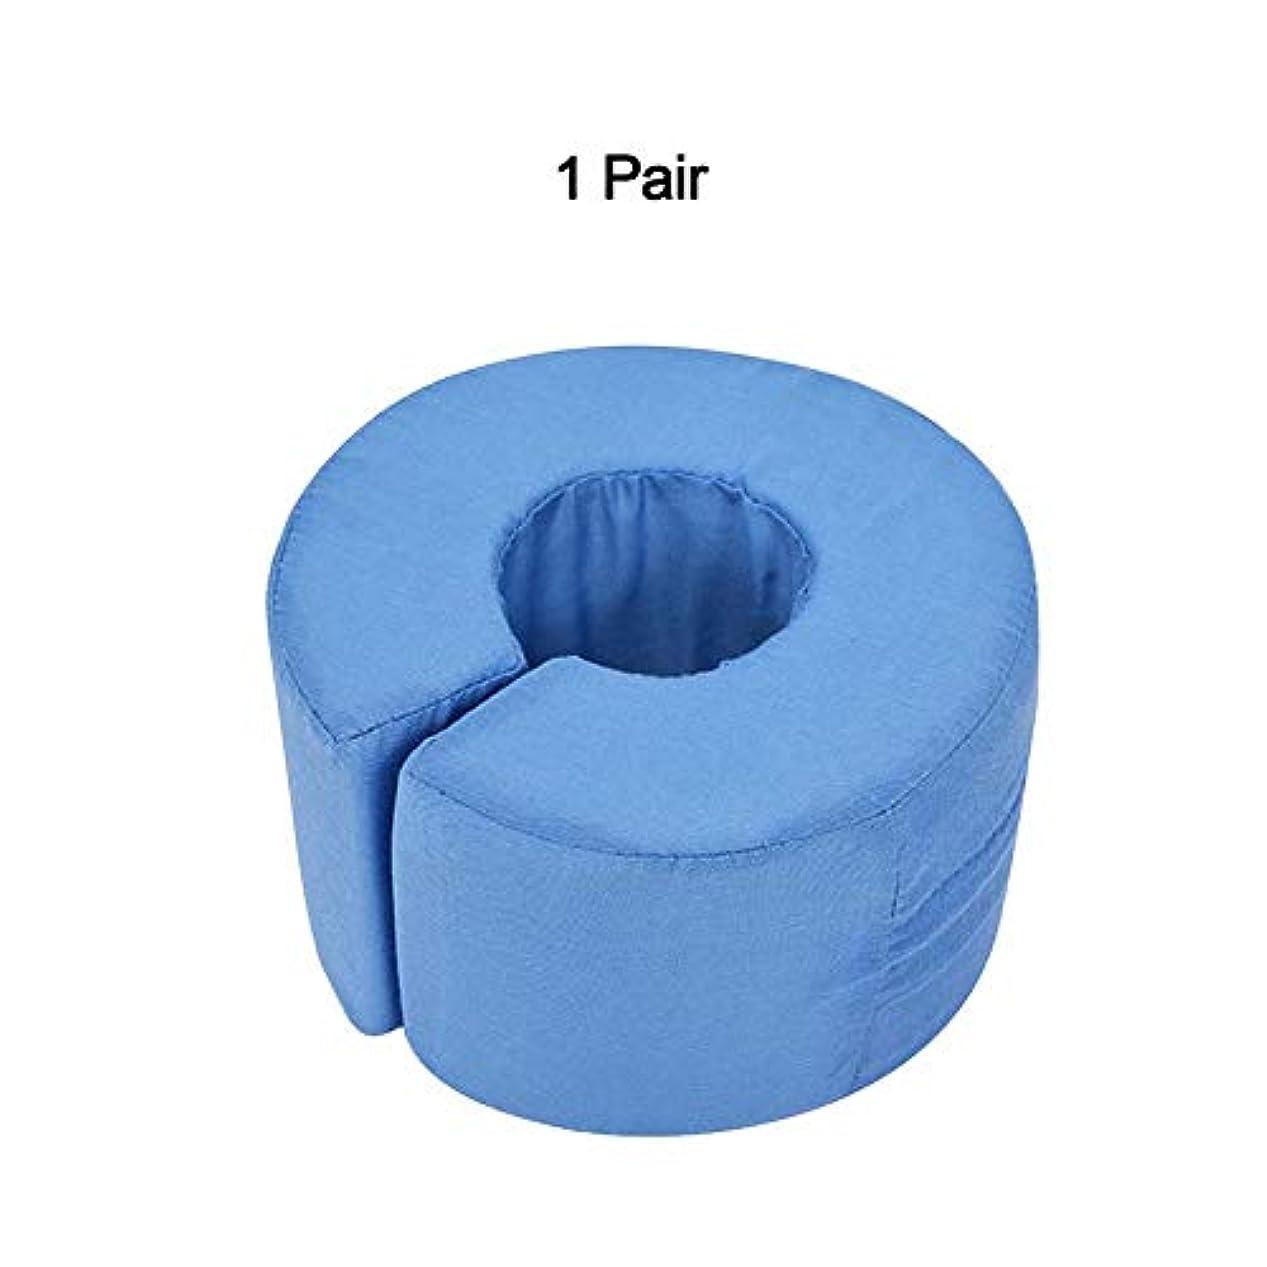 無謀水差し説明する軽量フットハンドフォームエレベータークッション、足首関節休息サポート枕、足の圧力を和らげる、1ペア,Blue